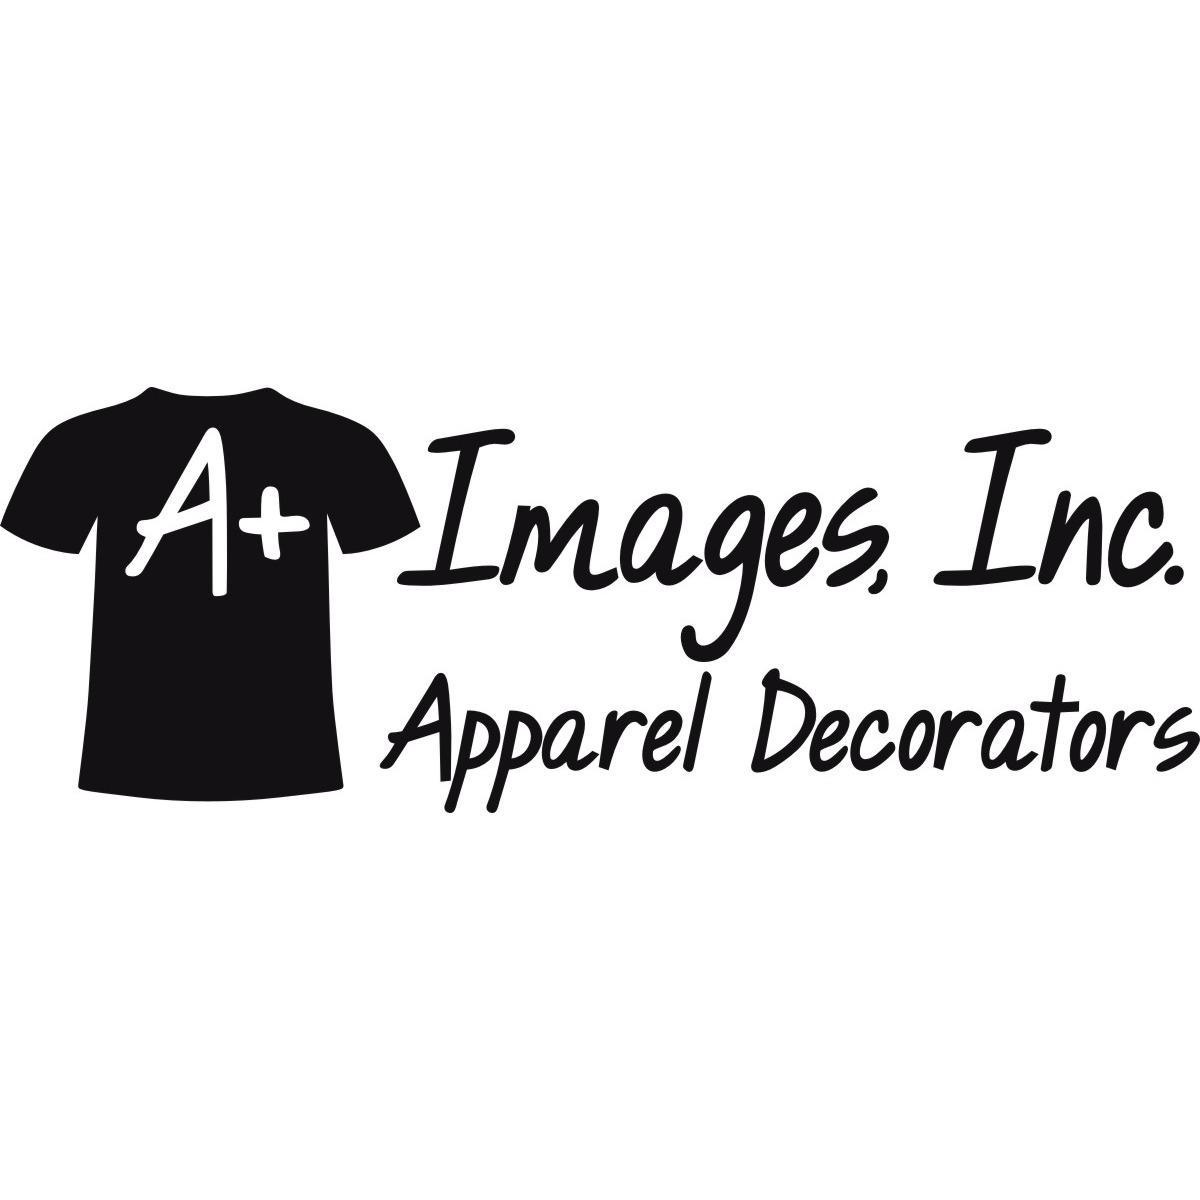 A+ Images, Inc.